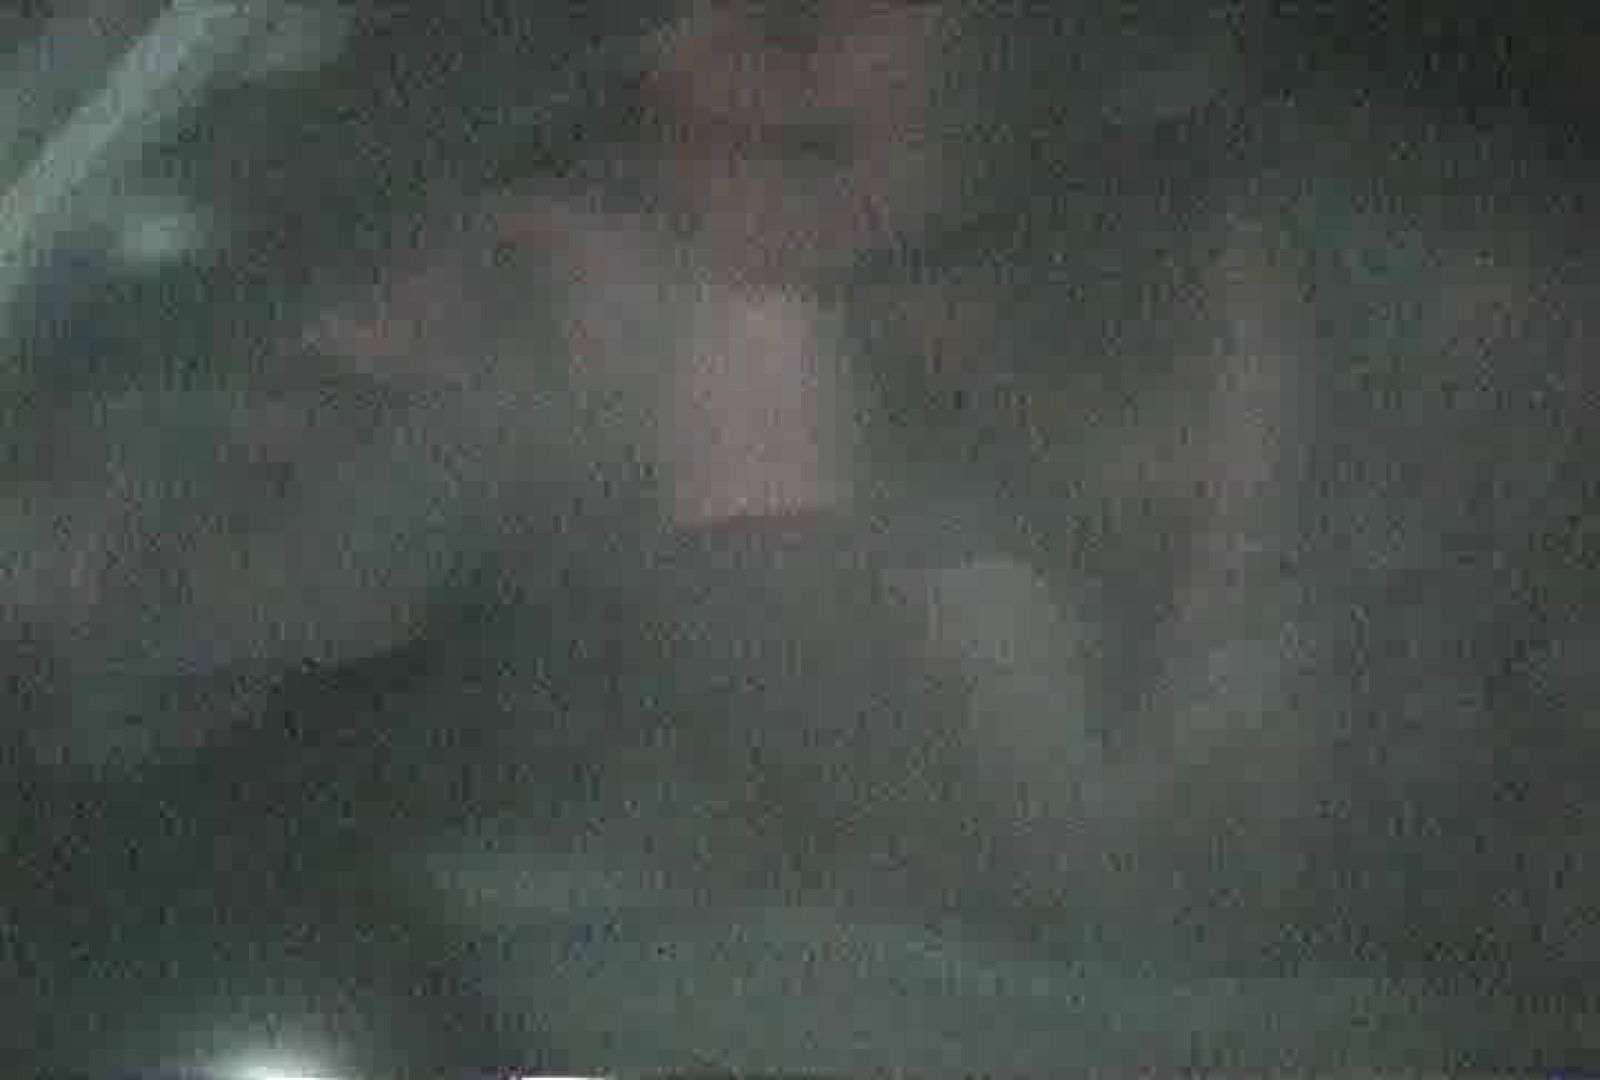 充血監督の深夜の運動会Vol.56 エロティックなOL 盗撮動画紹介 103画像 86